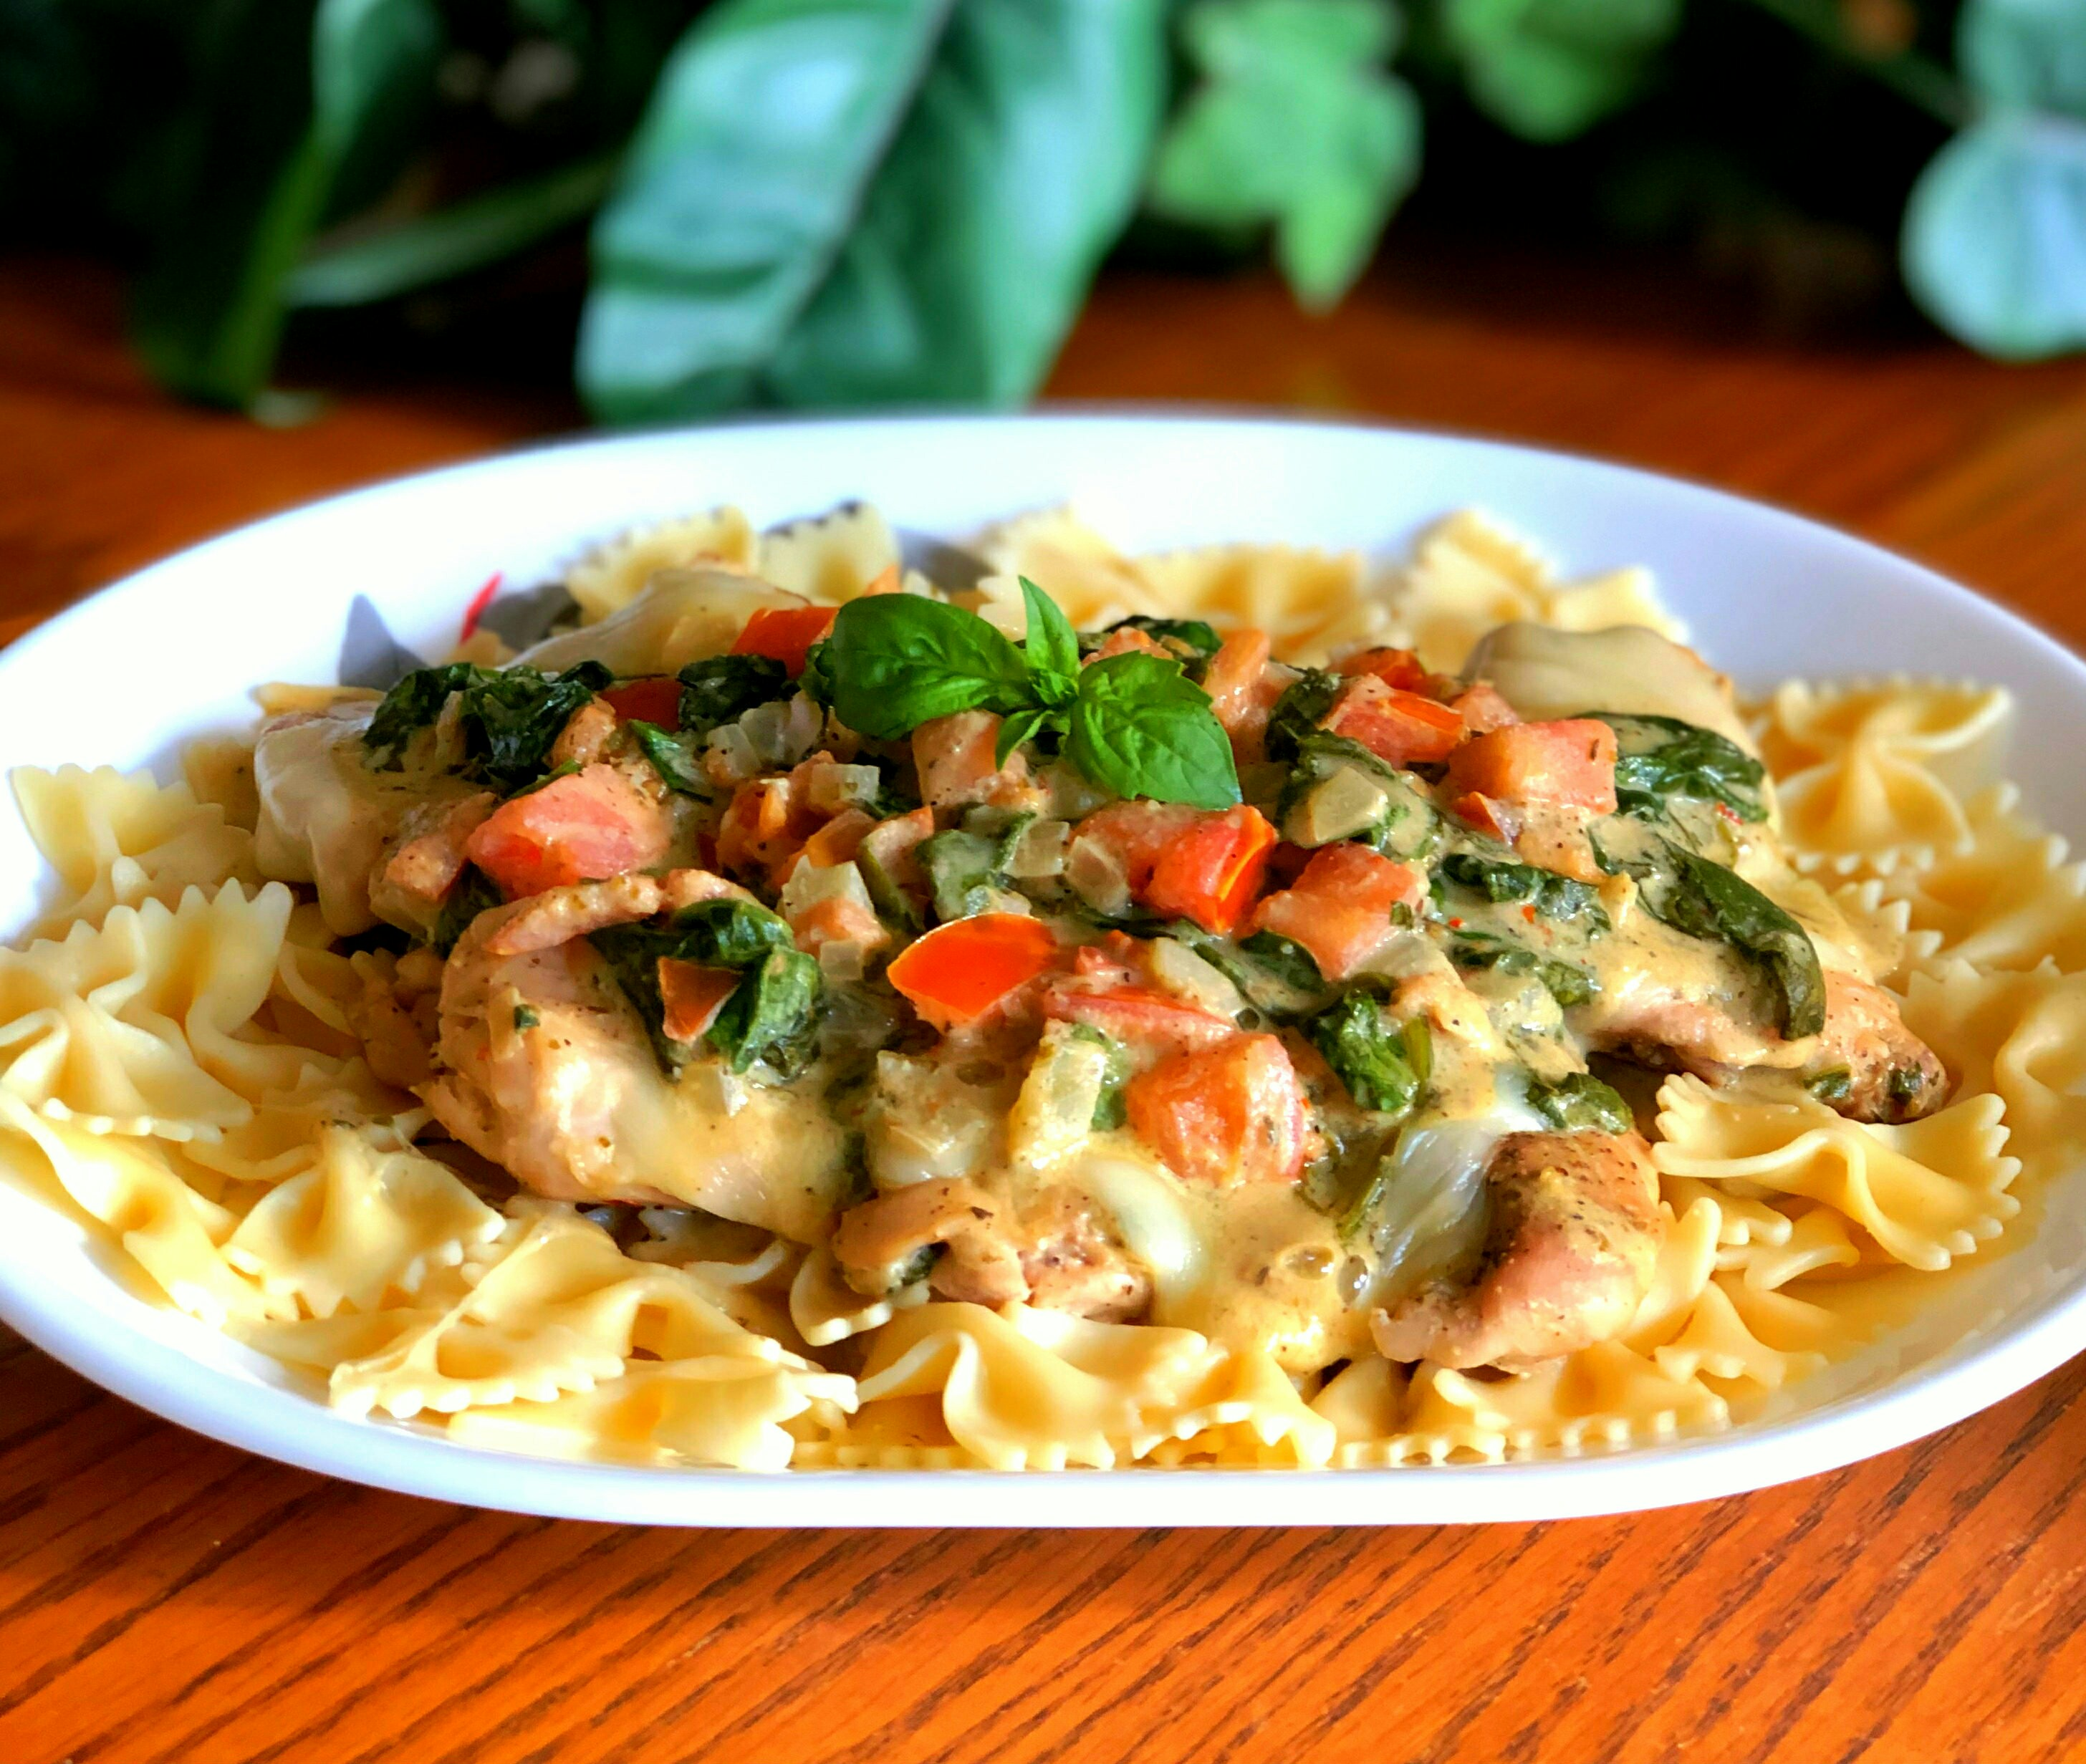 Receita italiana de coxas de frango assadas